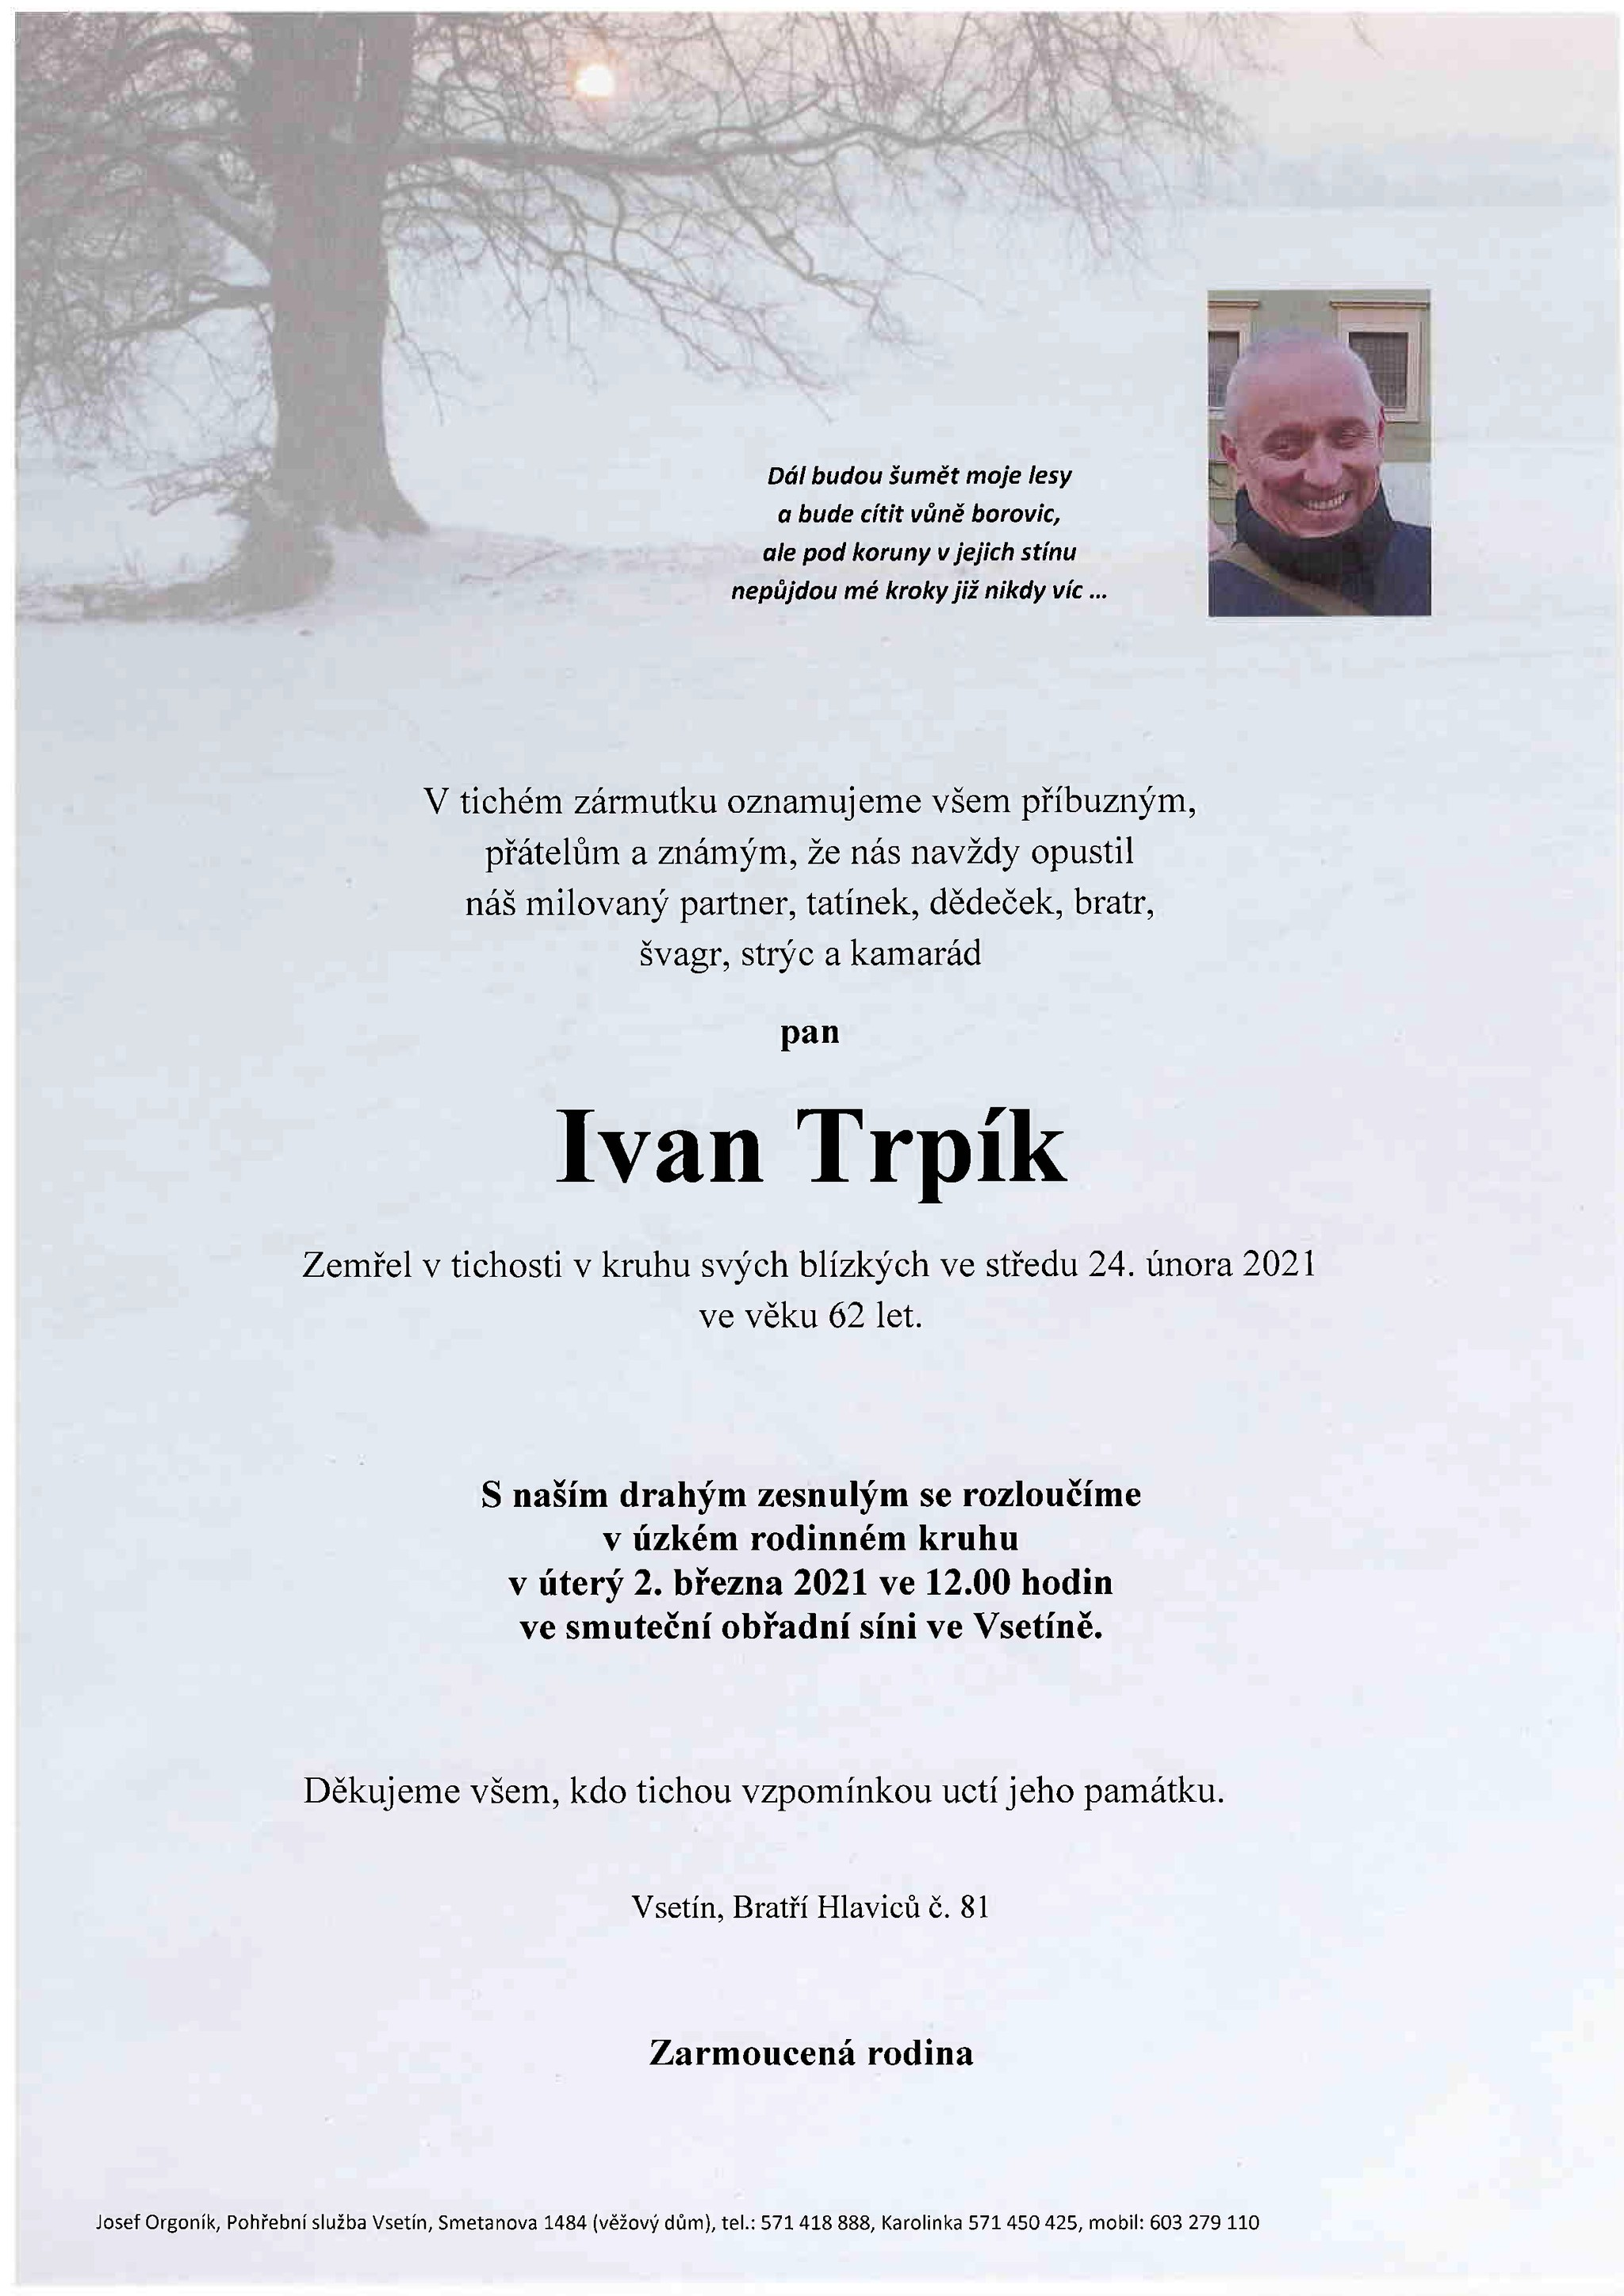 Ivan Trpík